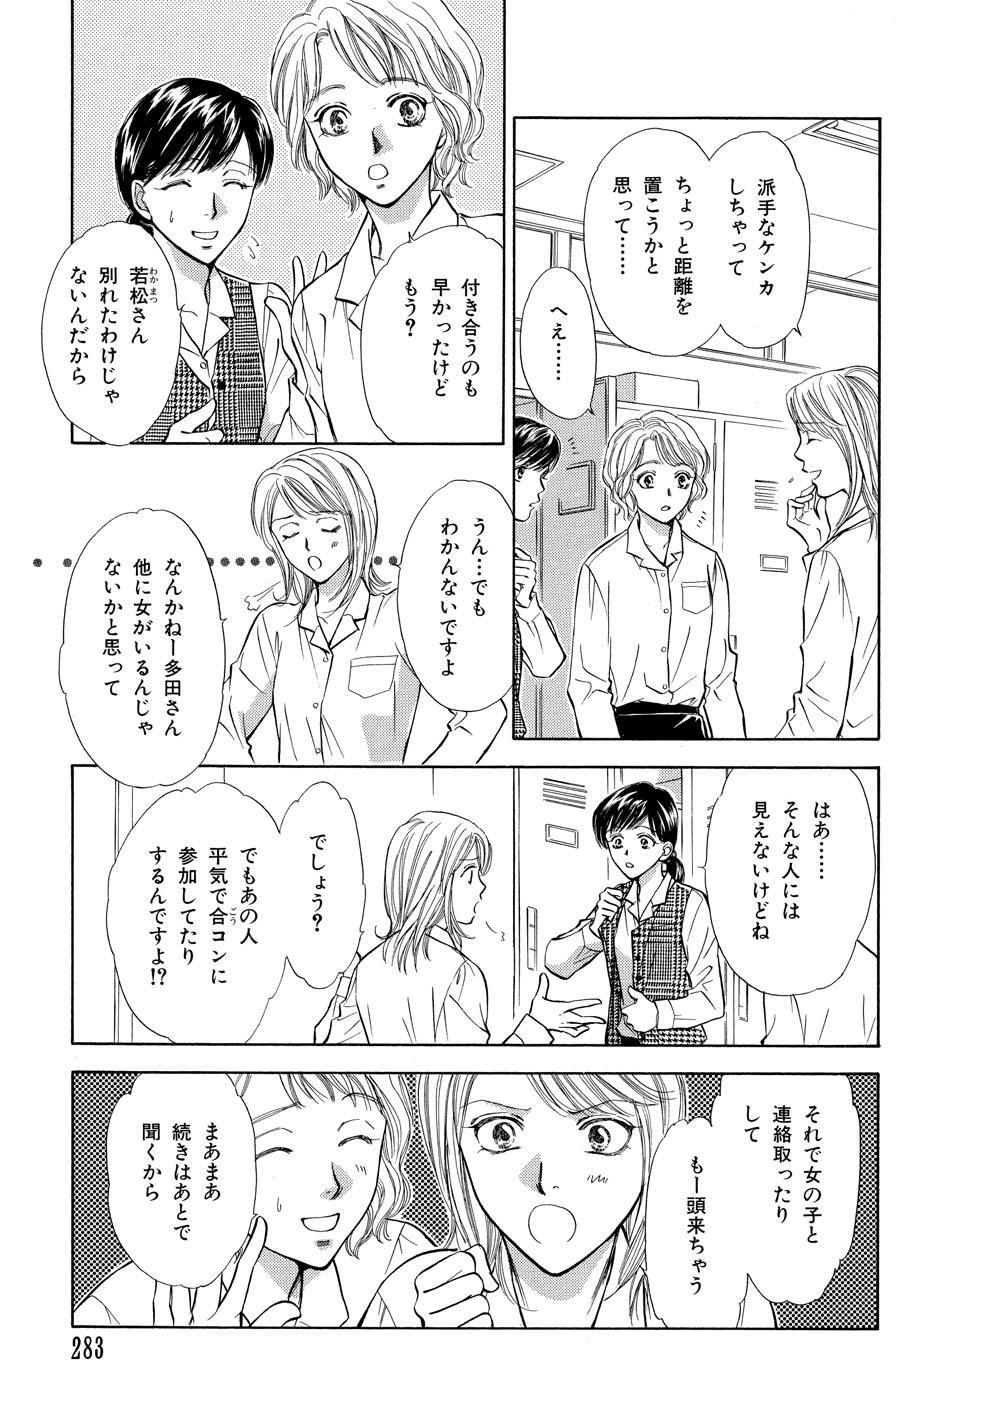 テレビ版_ほん怖_283.jpg